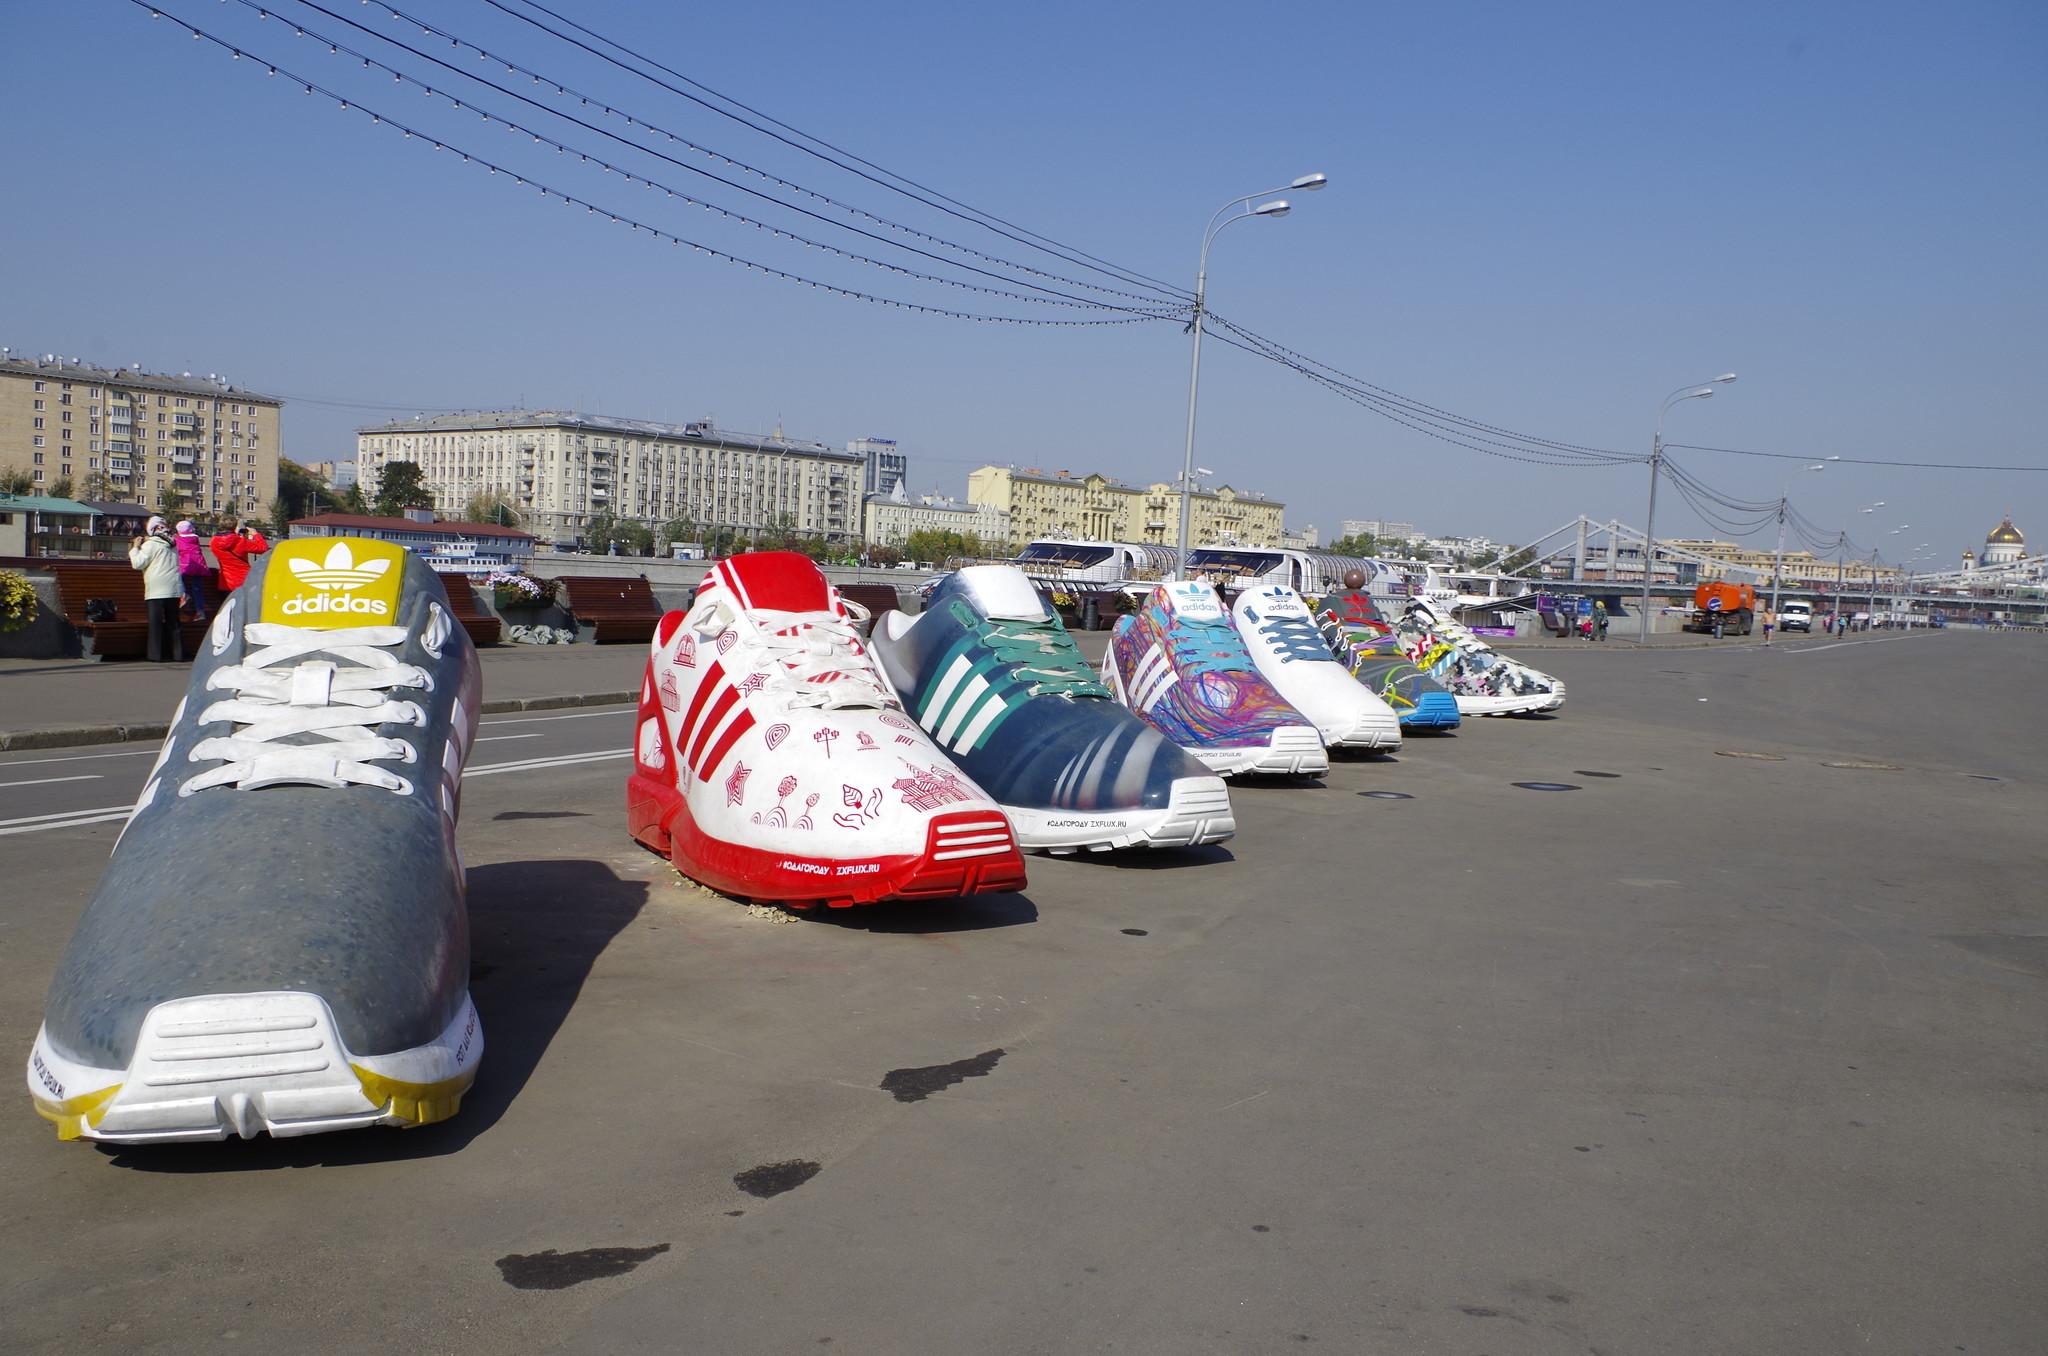 Проект «Ода городу» объединяет альтернативное современное искусство и уличную моду